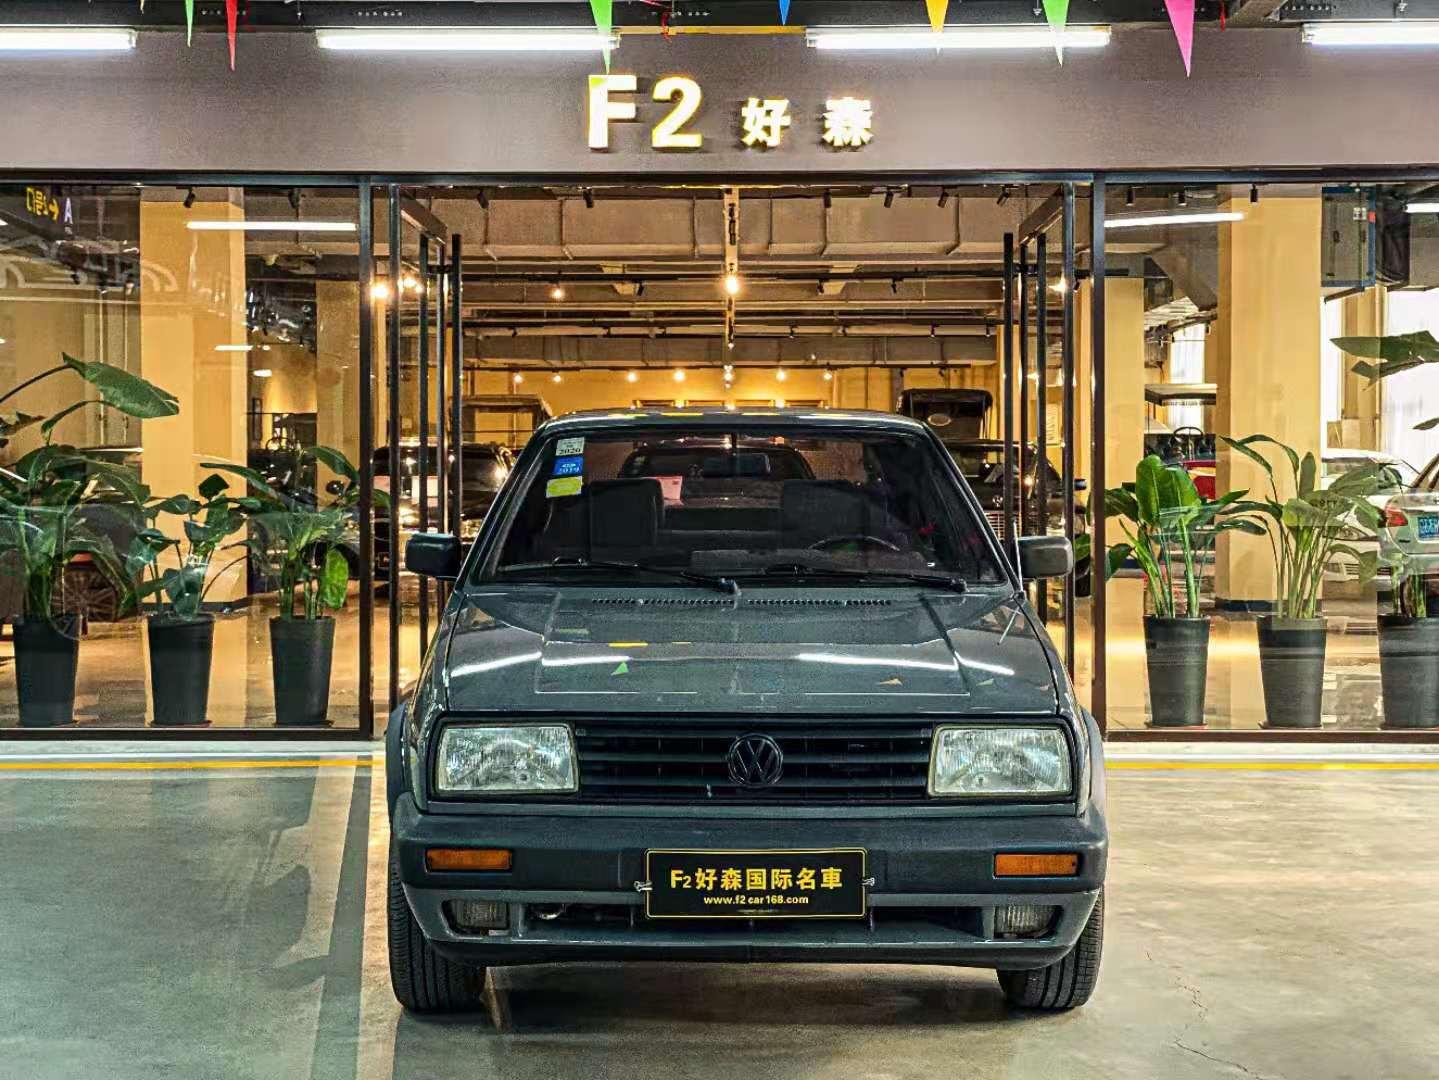 经典车 极具收藏意义的2000款老款捷达。543 作者:F2大森古典车